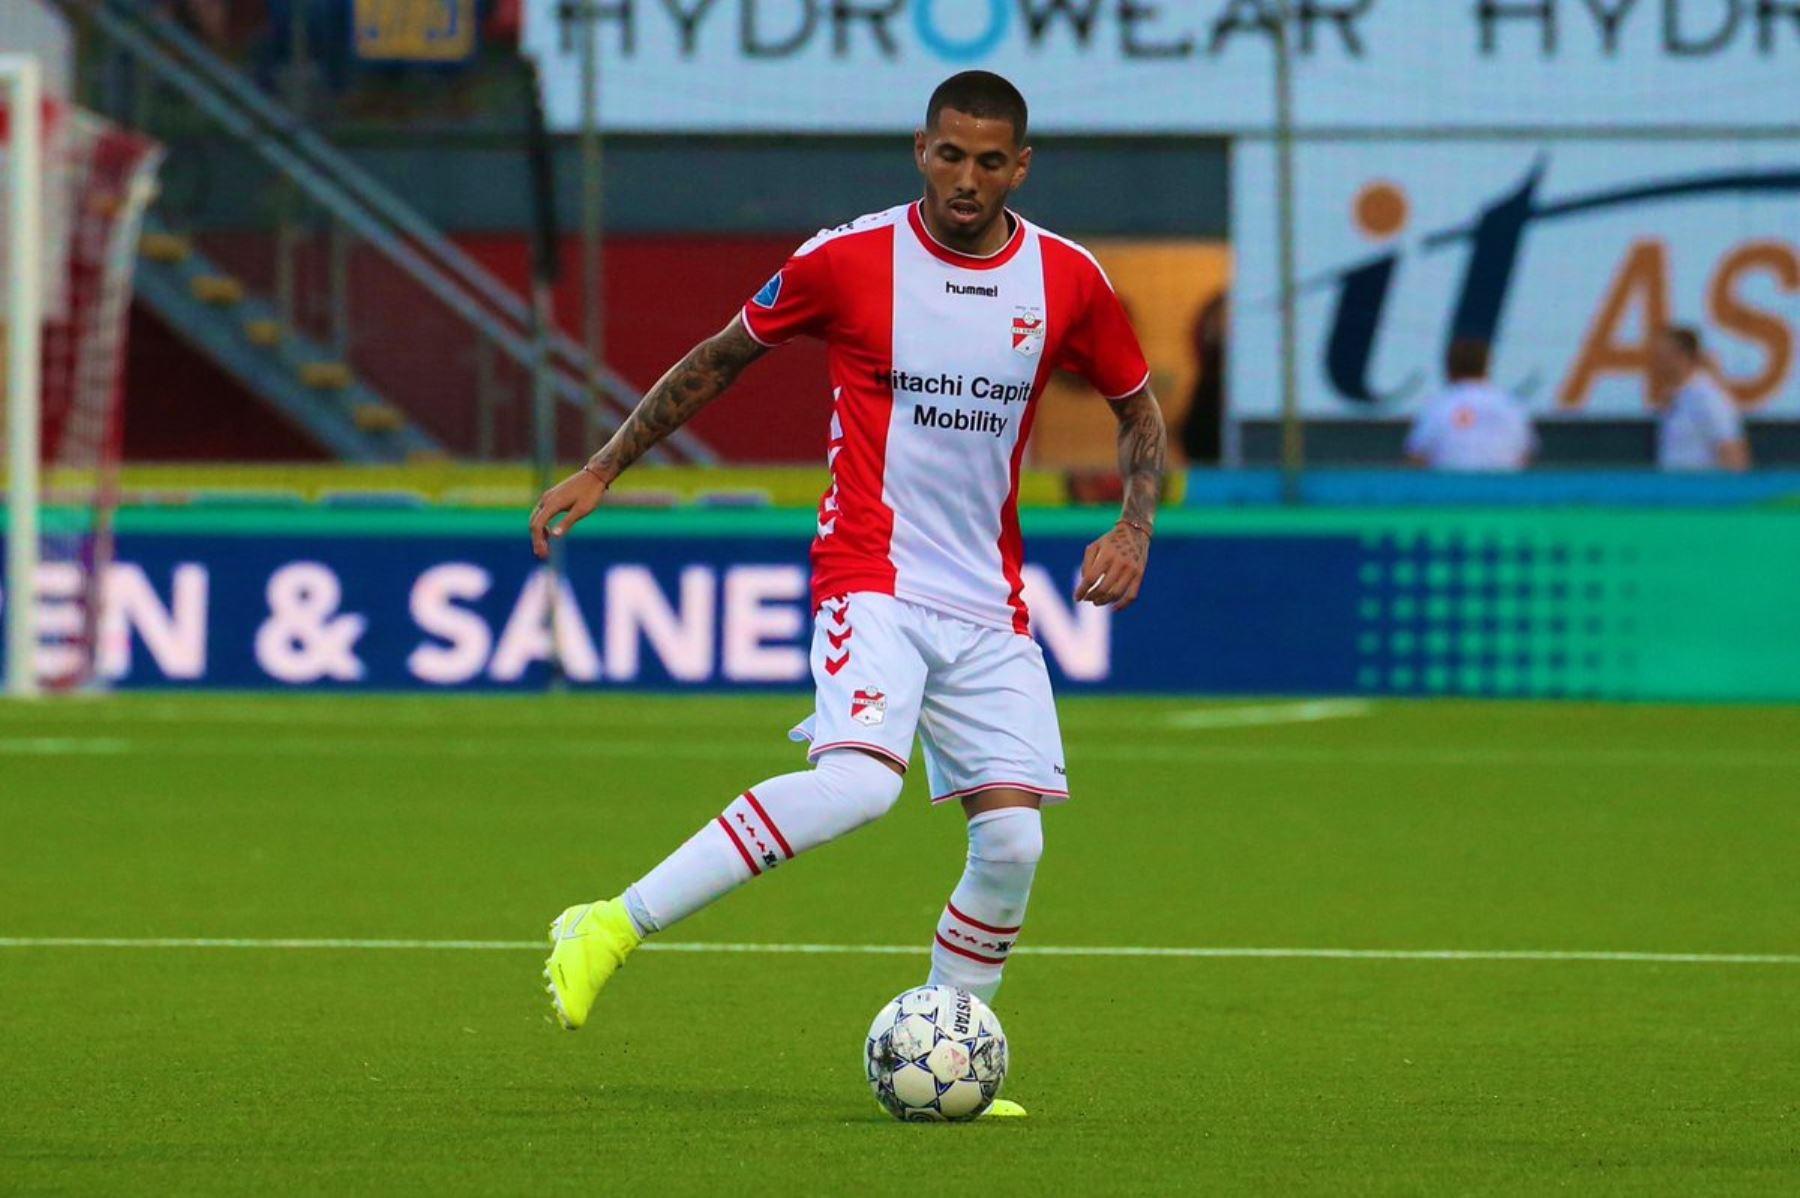 Sergio Peña anotó un golazo en la Liga de Holanda